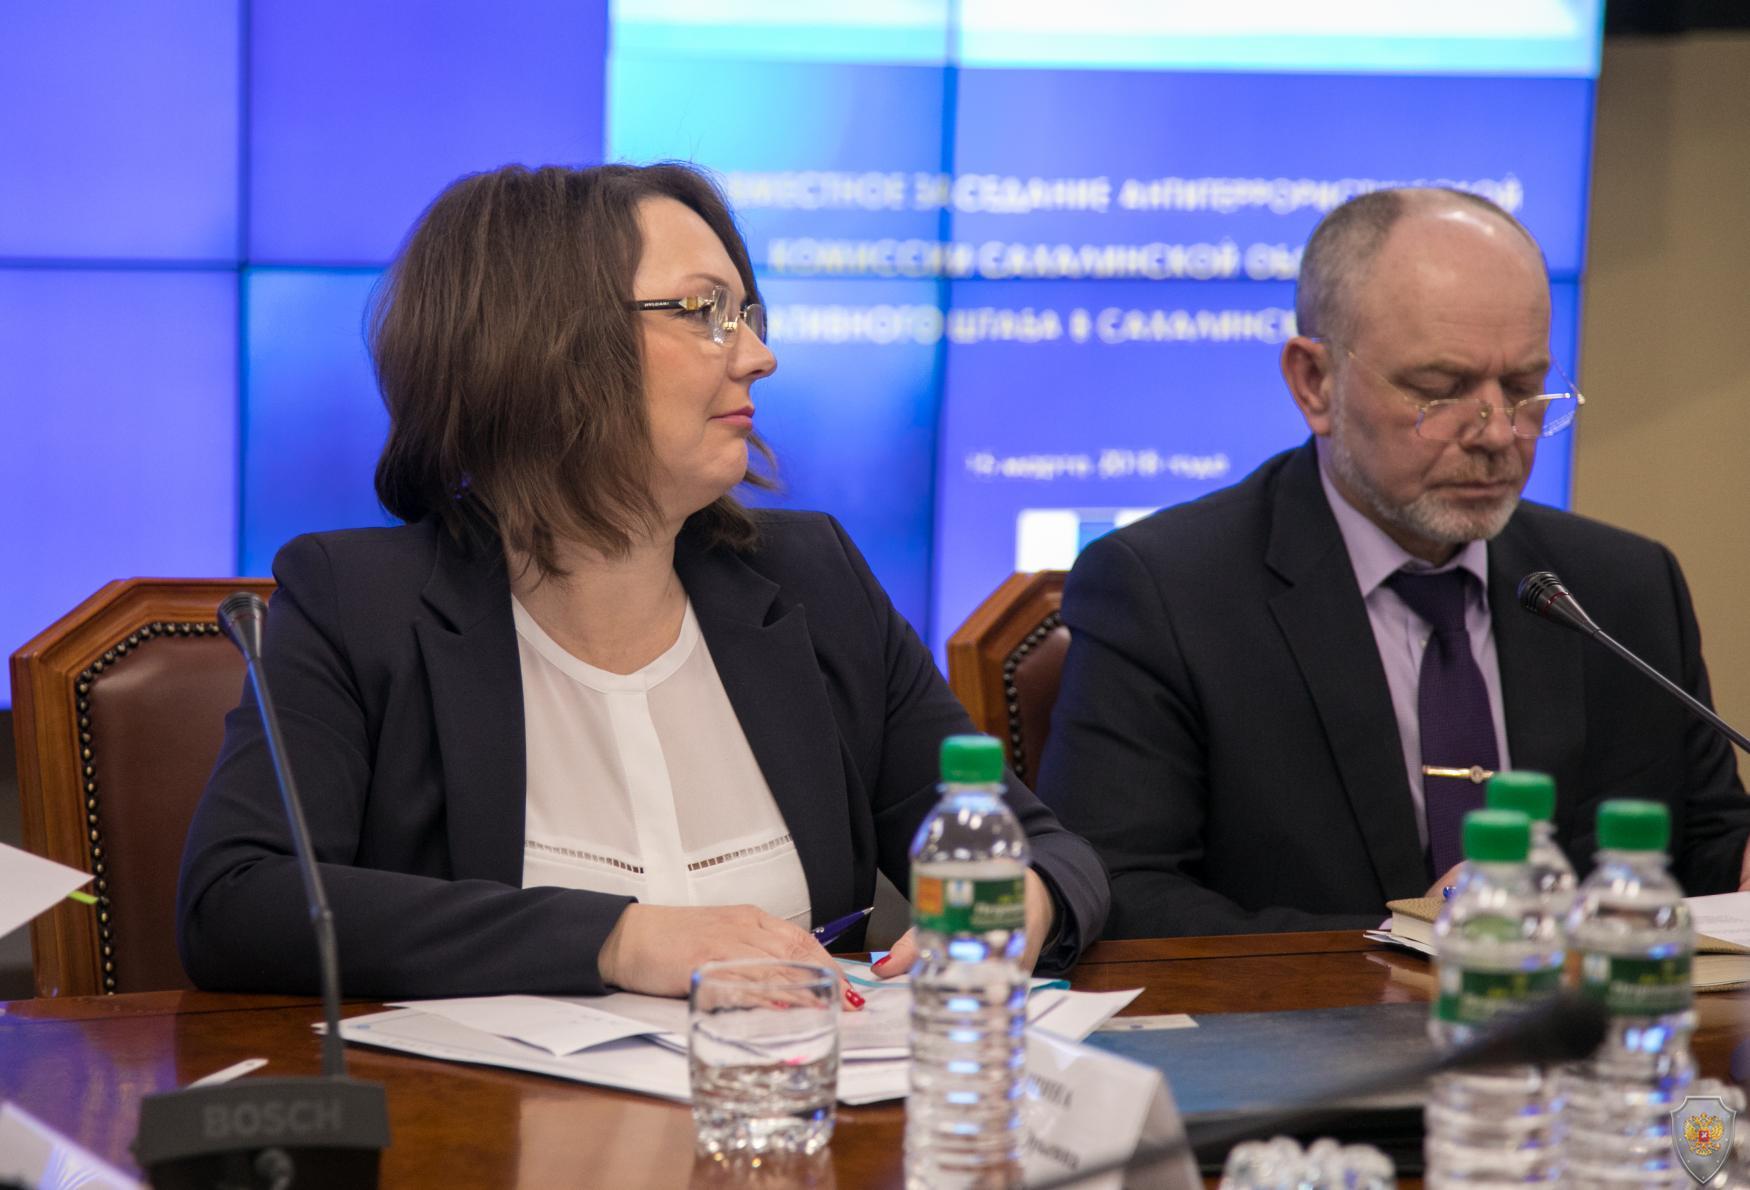 Совместное заседание региональной антитеррористической комиссии и оперативного штаба провел губернатор Олег Кожемяко